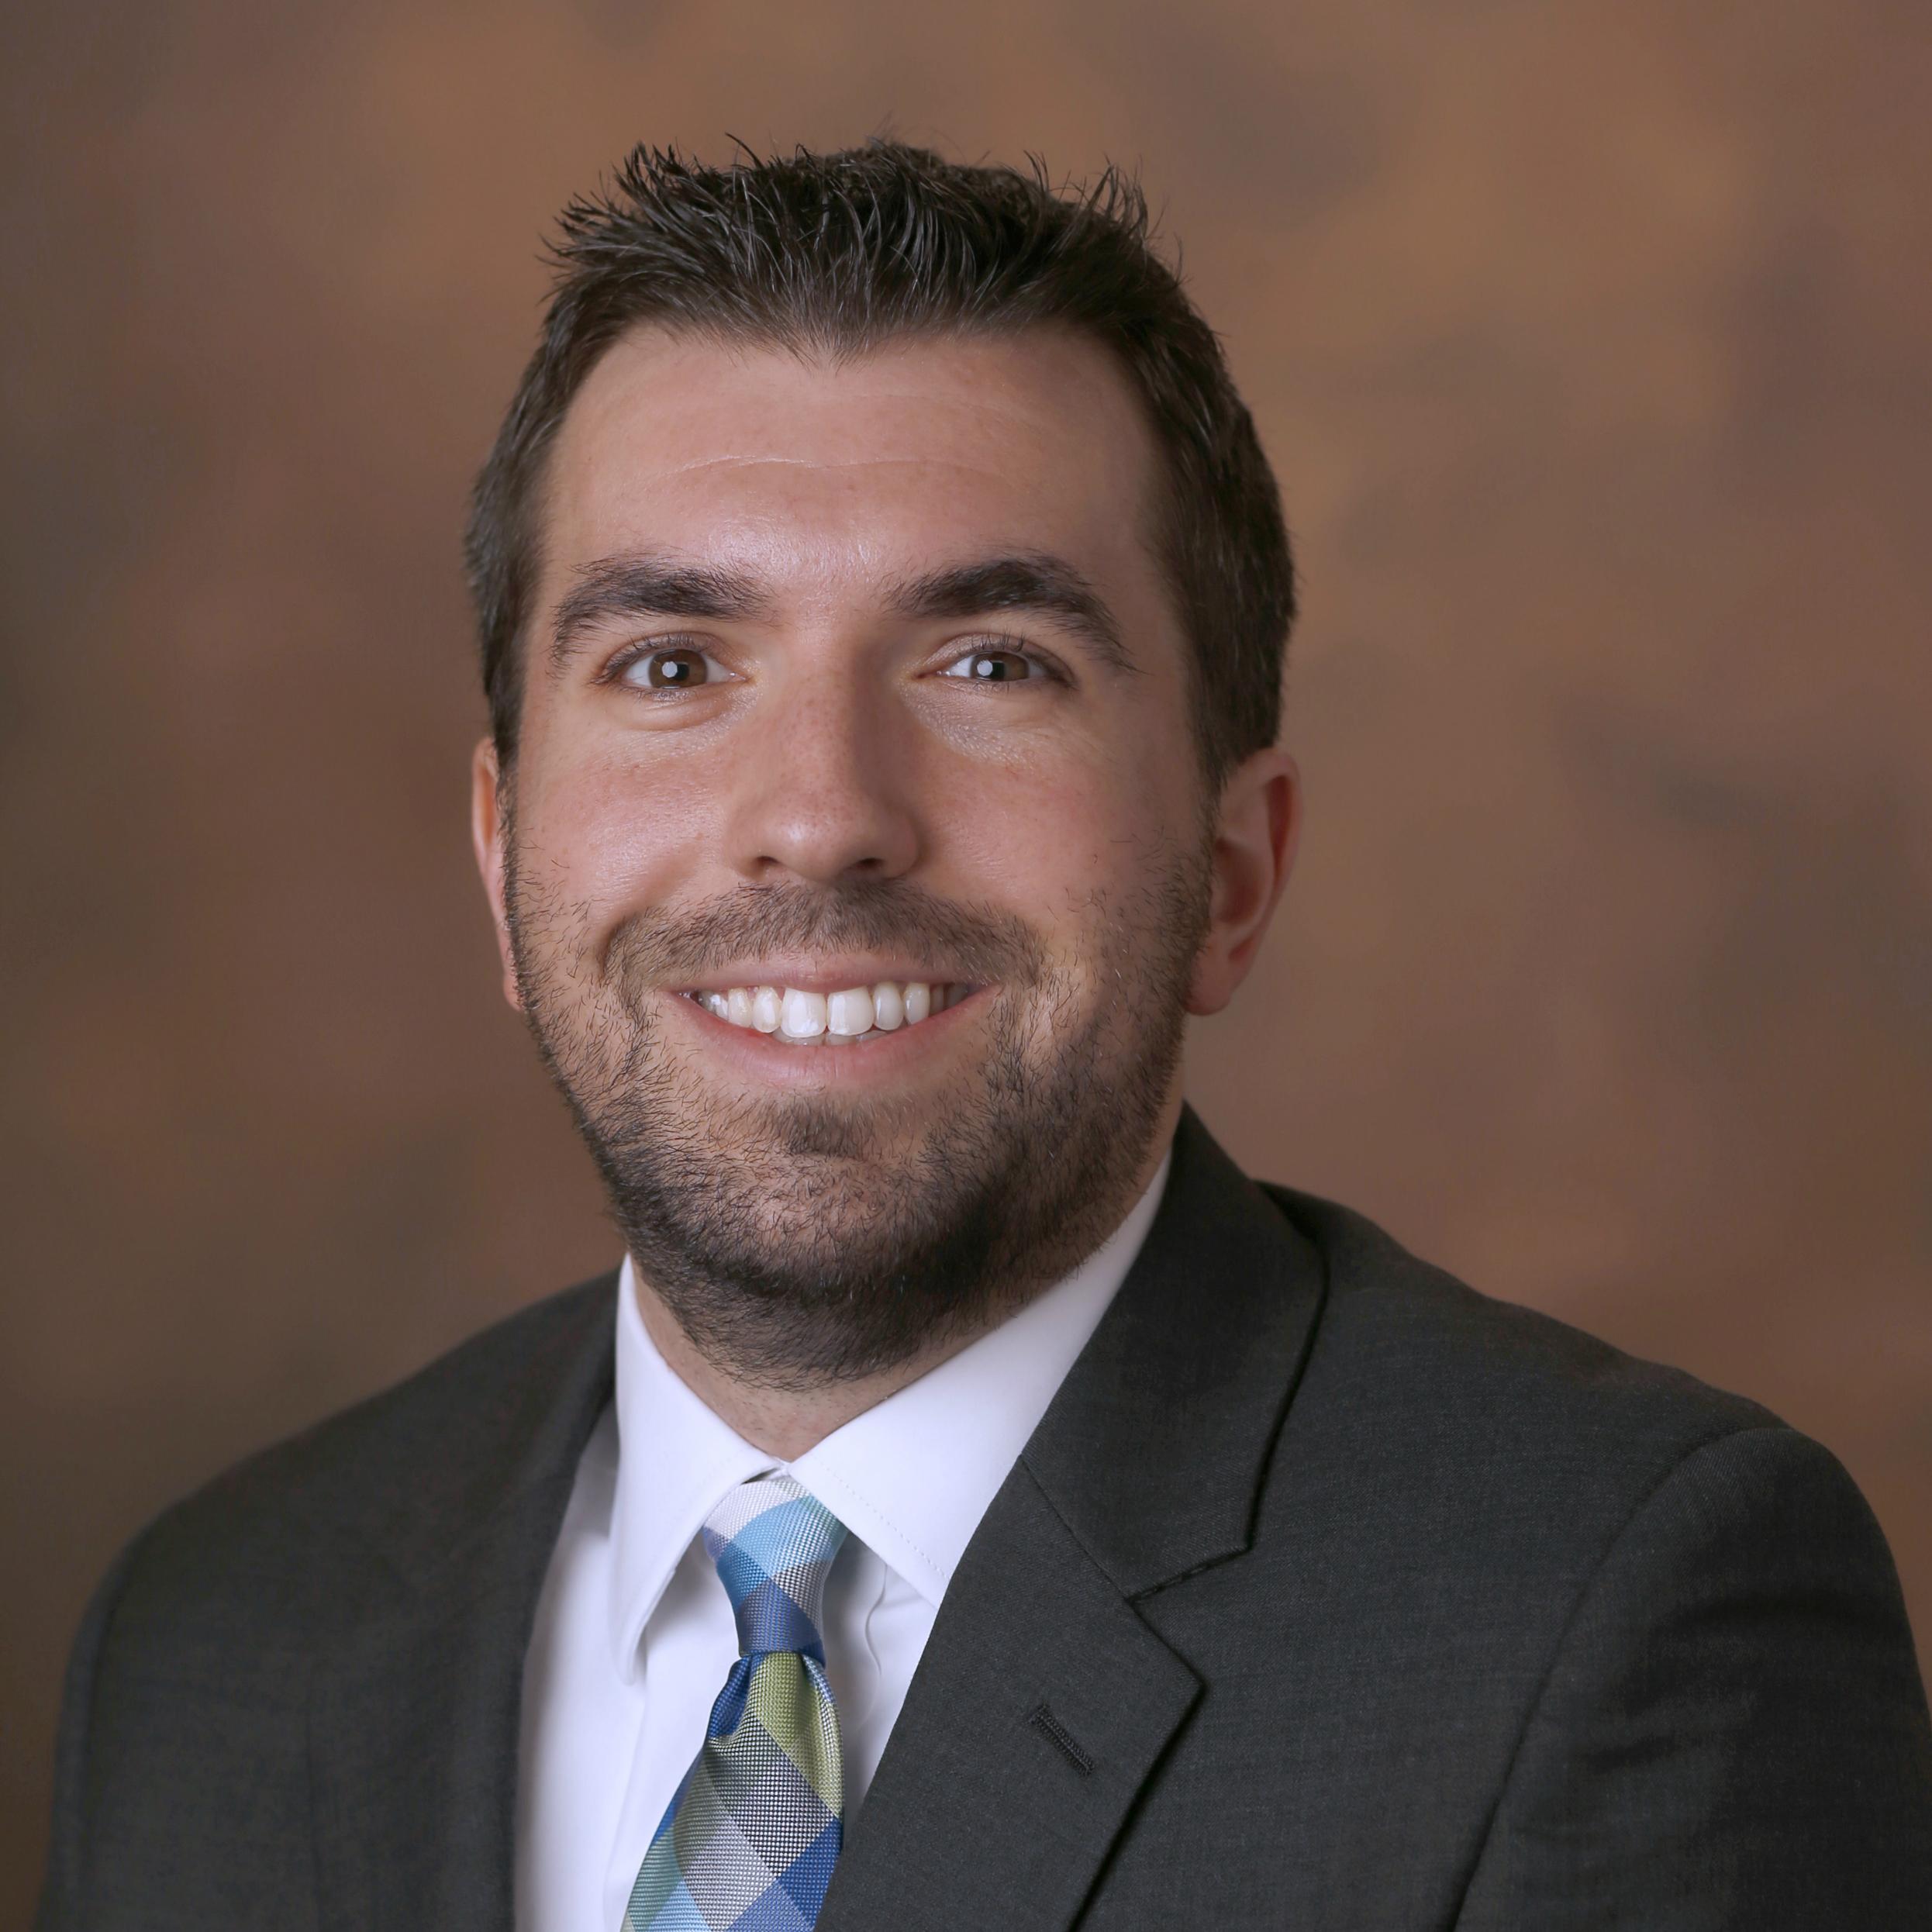 Jonathan D. Klingler